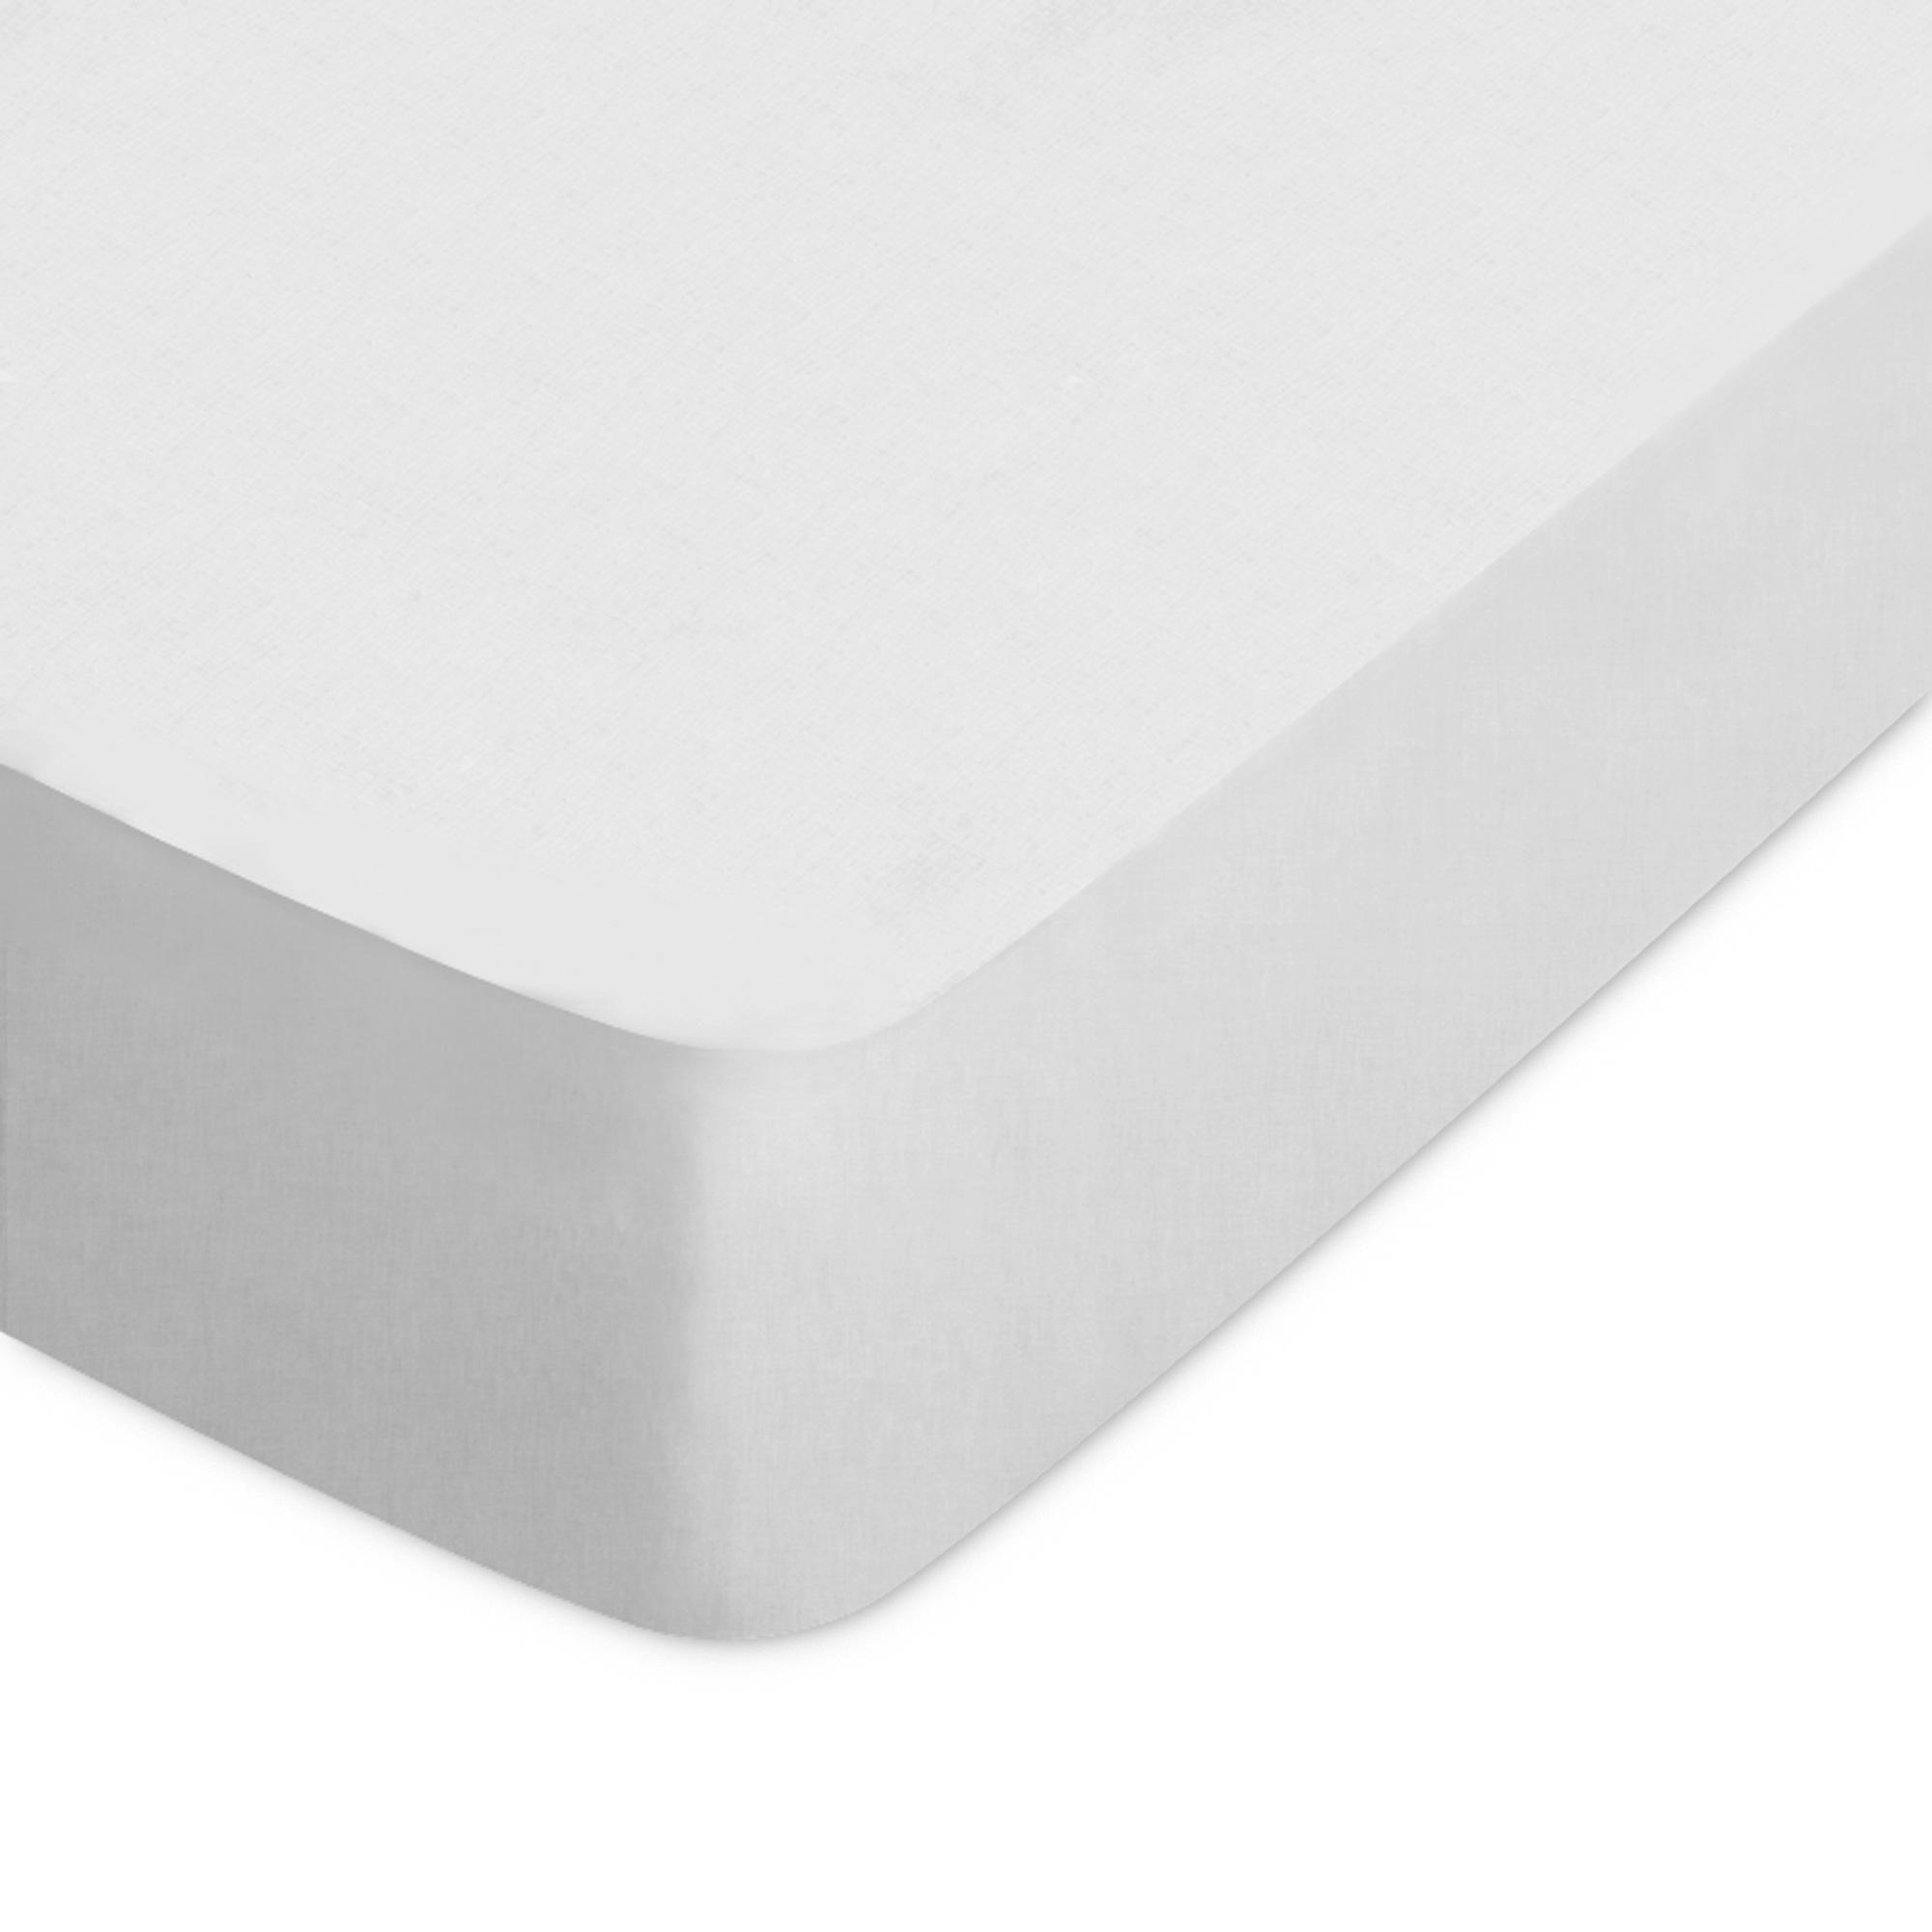 Drap Housse Coton 120x190 gris clair